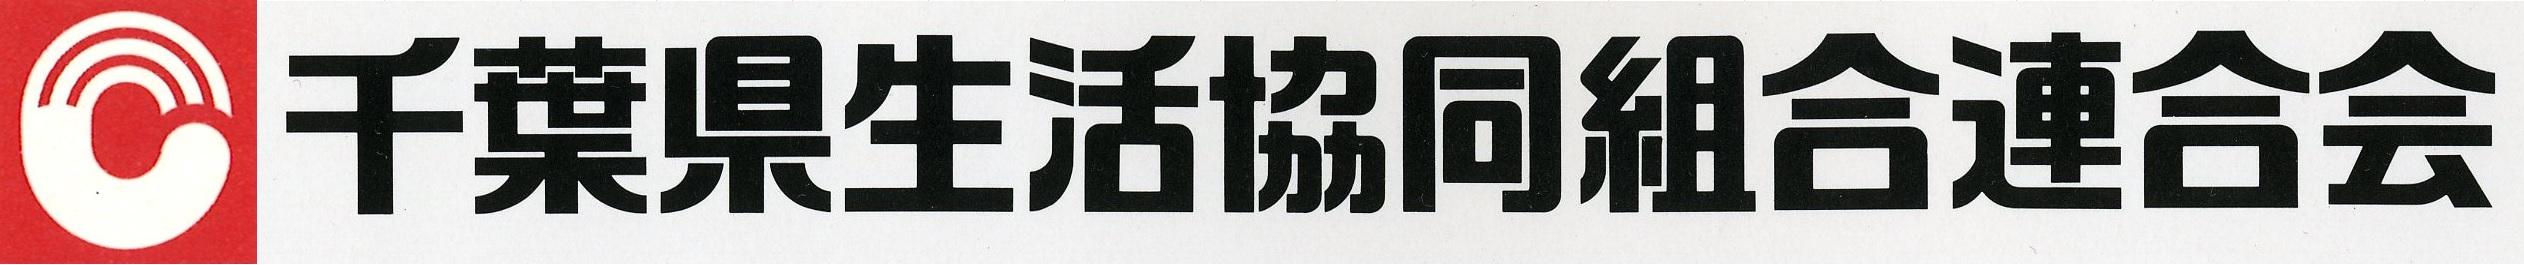 千葉県生活協同組合連合会